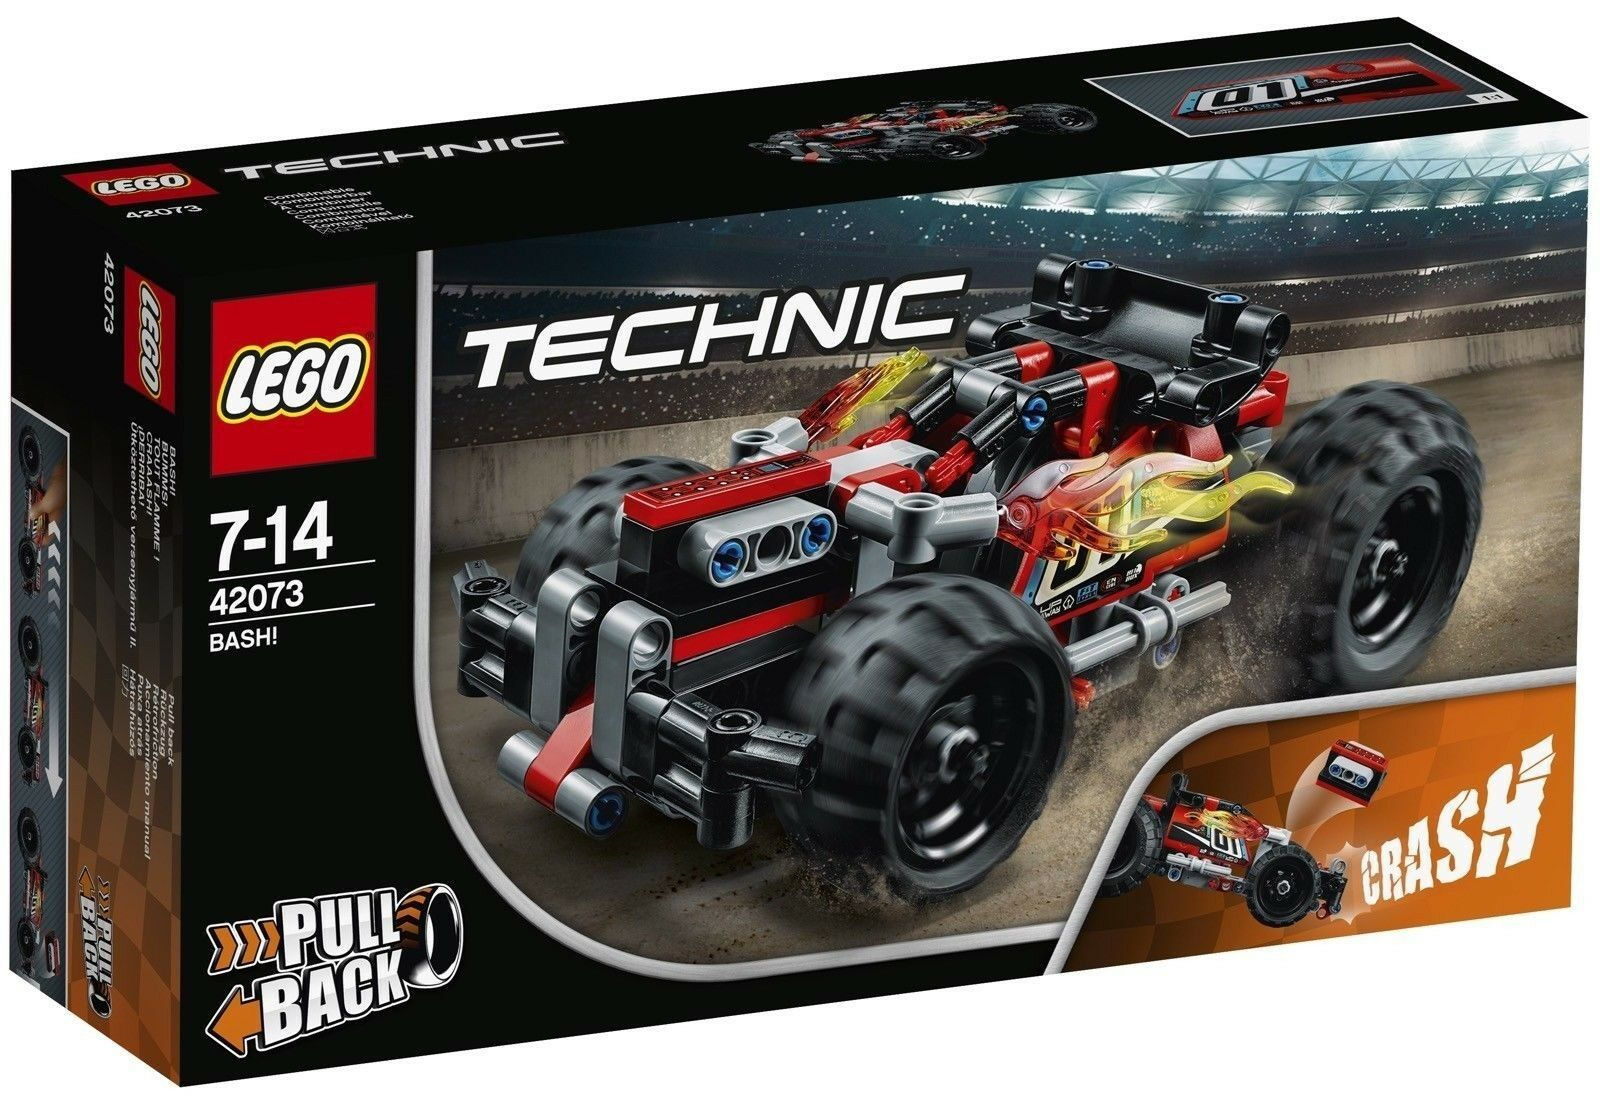 LEGO TECHNIC CRAAASH - LEGO 42073